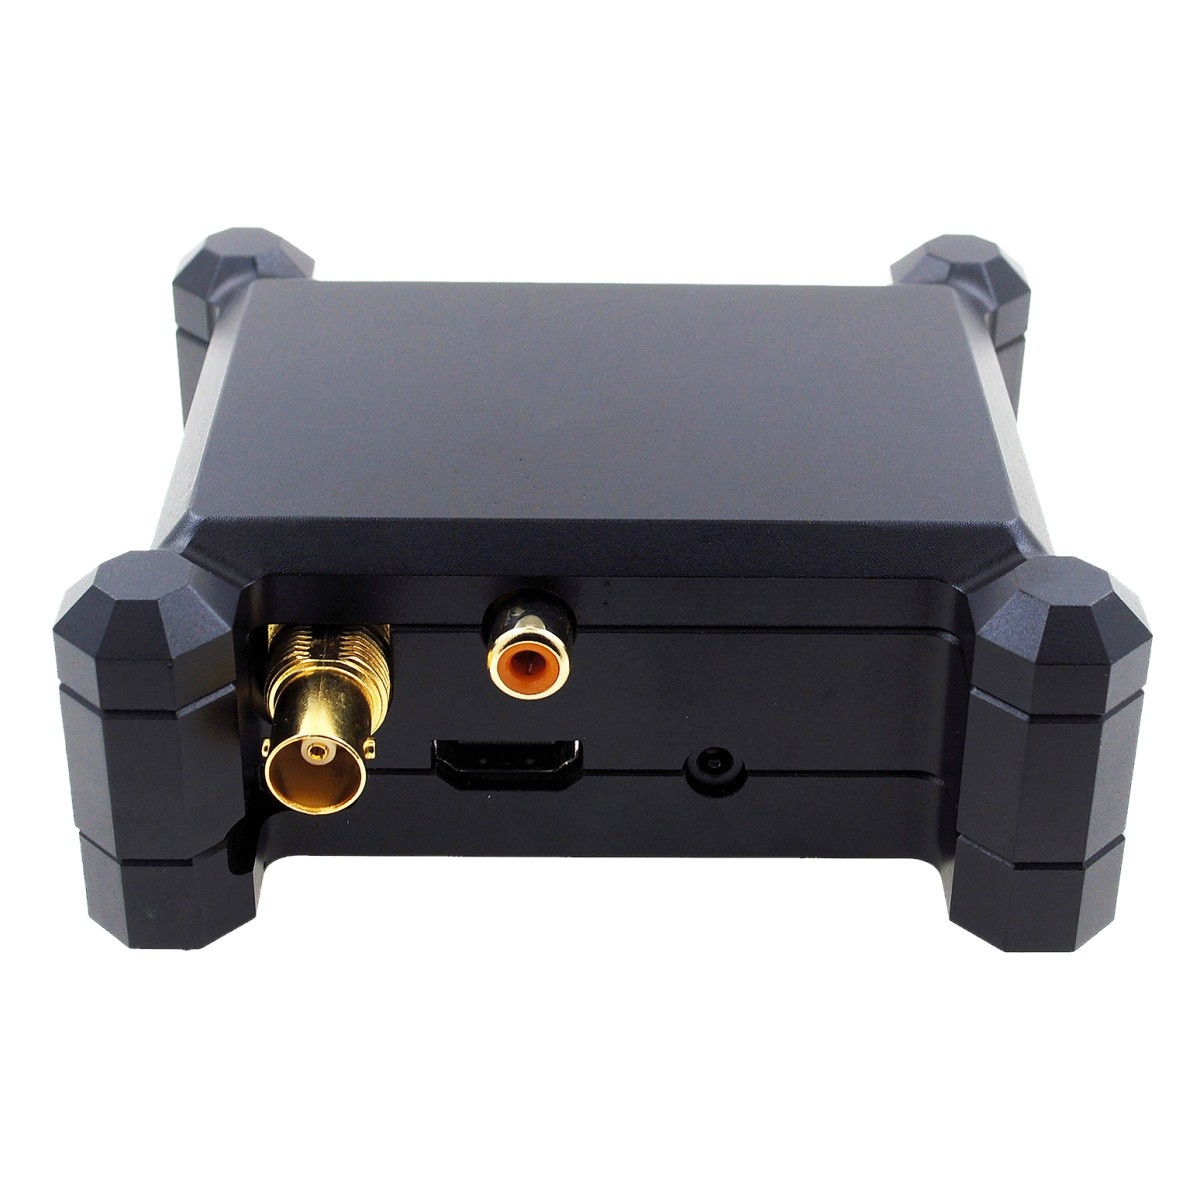 ALLO Boîtier aluminium pour DigiOne player et Raspberry Pi Noir